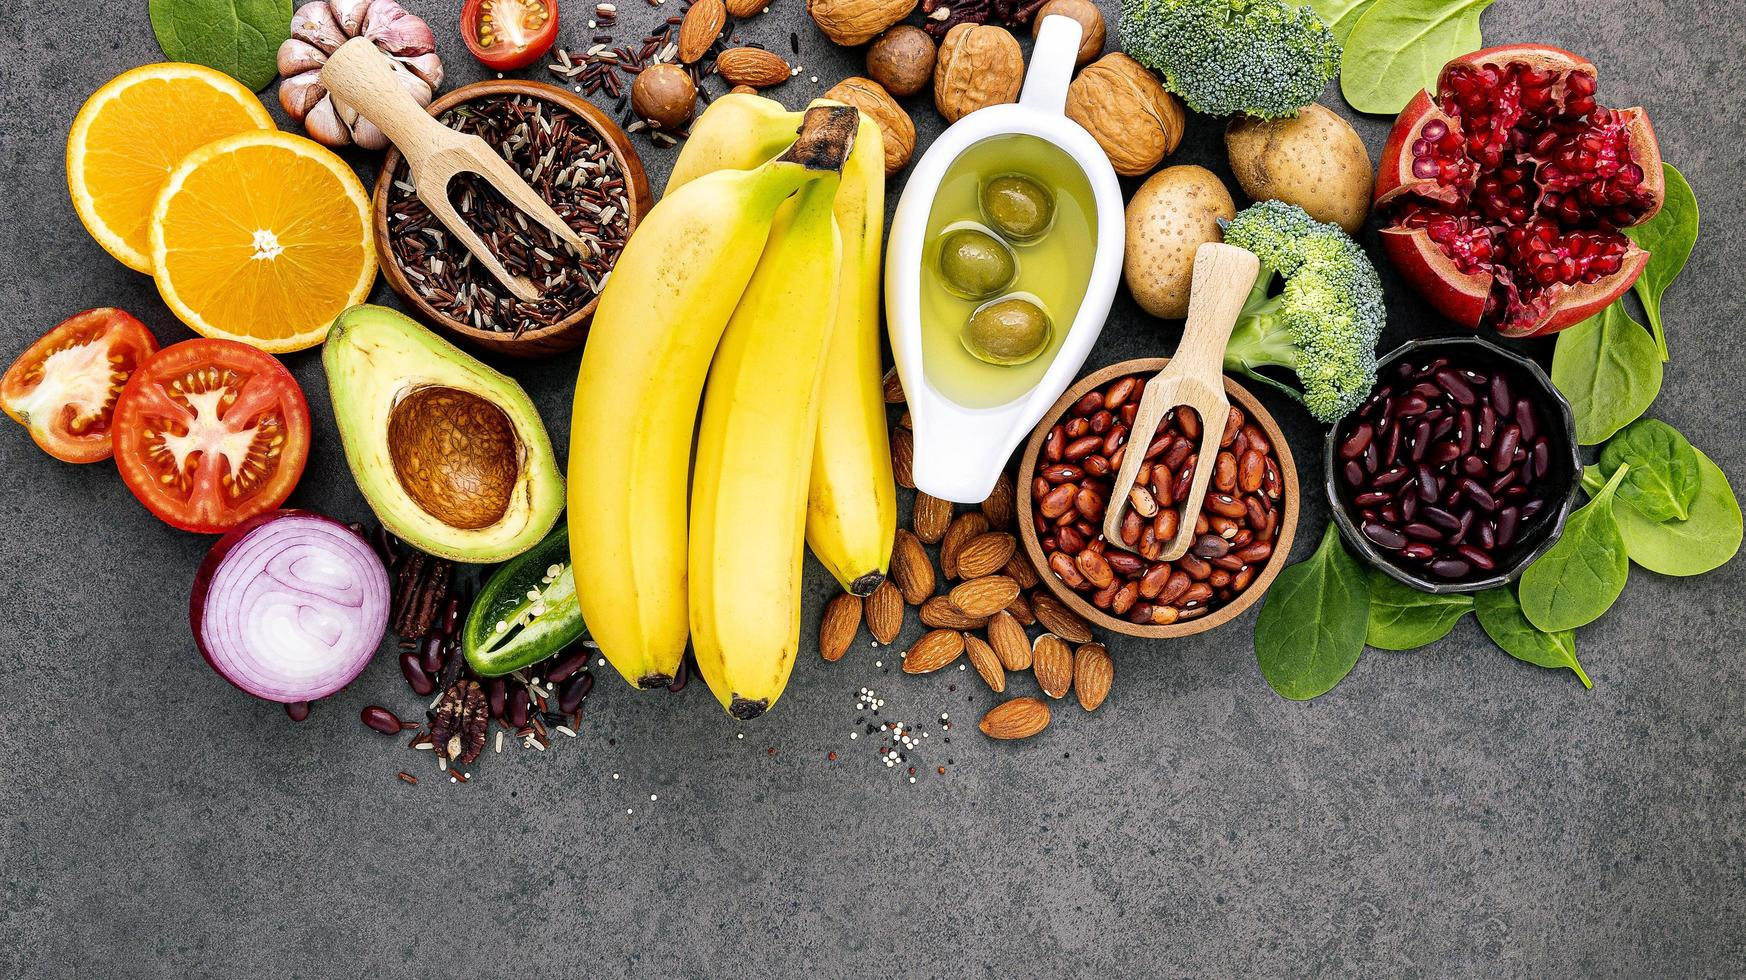 aliments frais biologiques photo